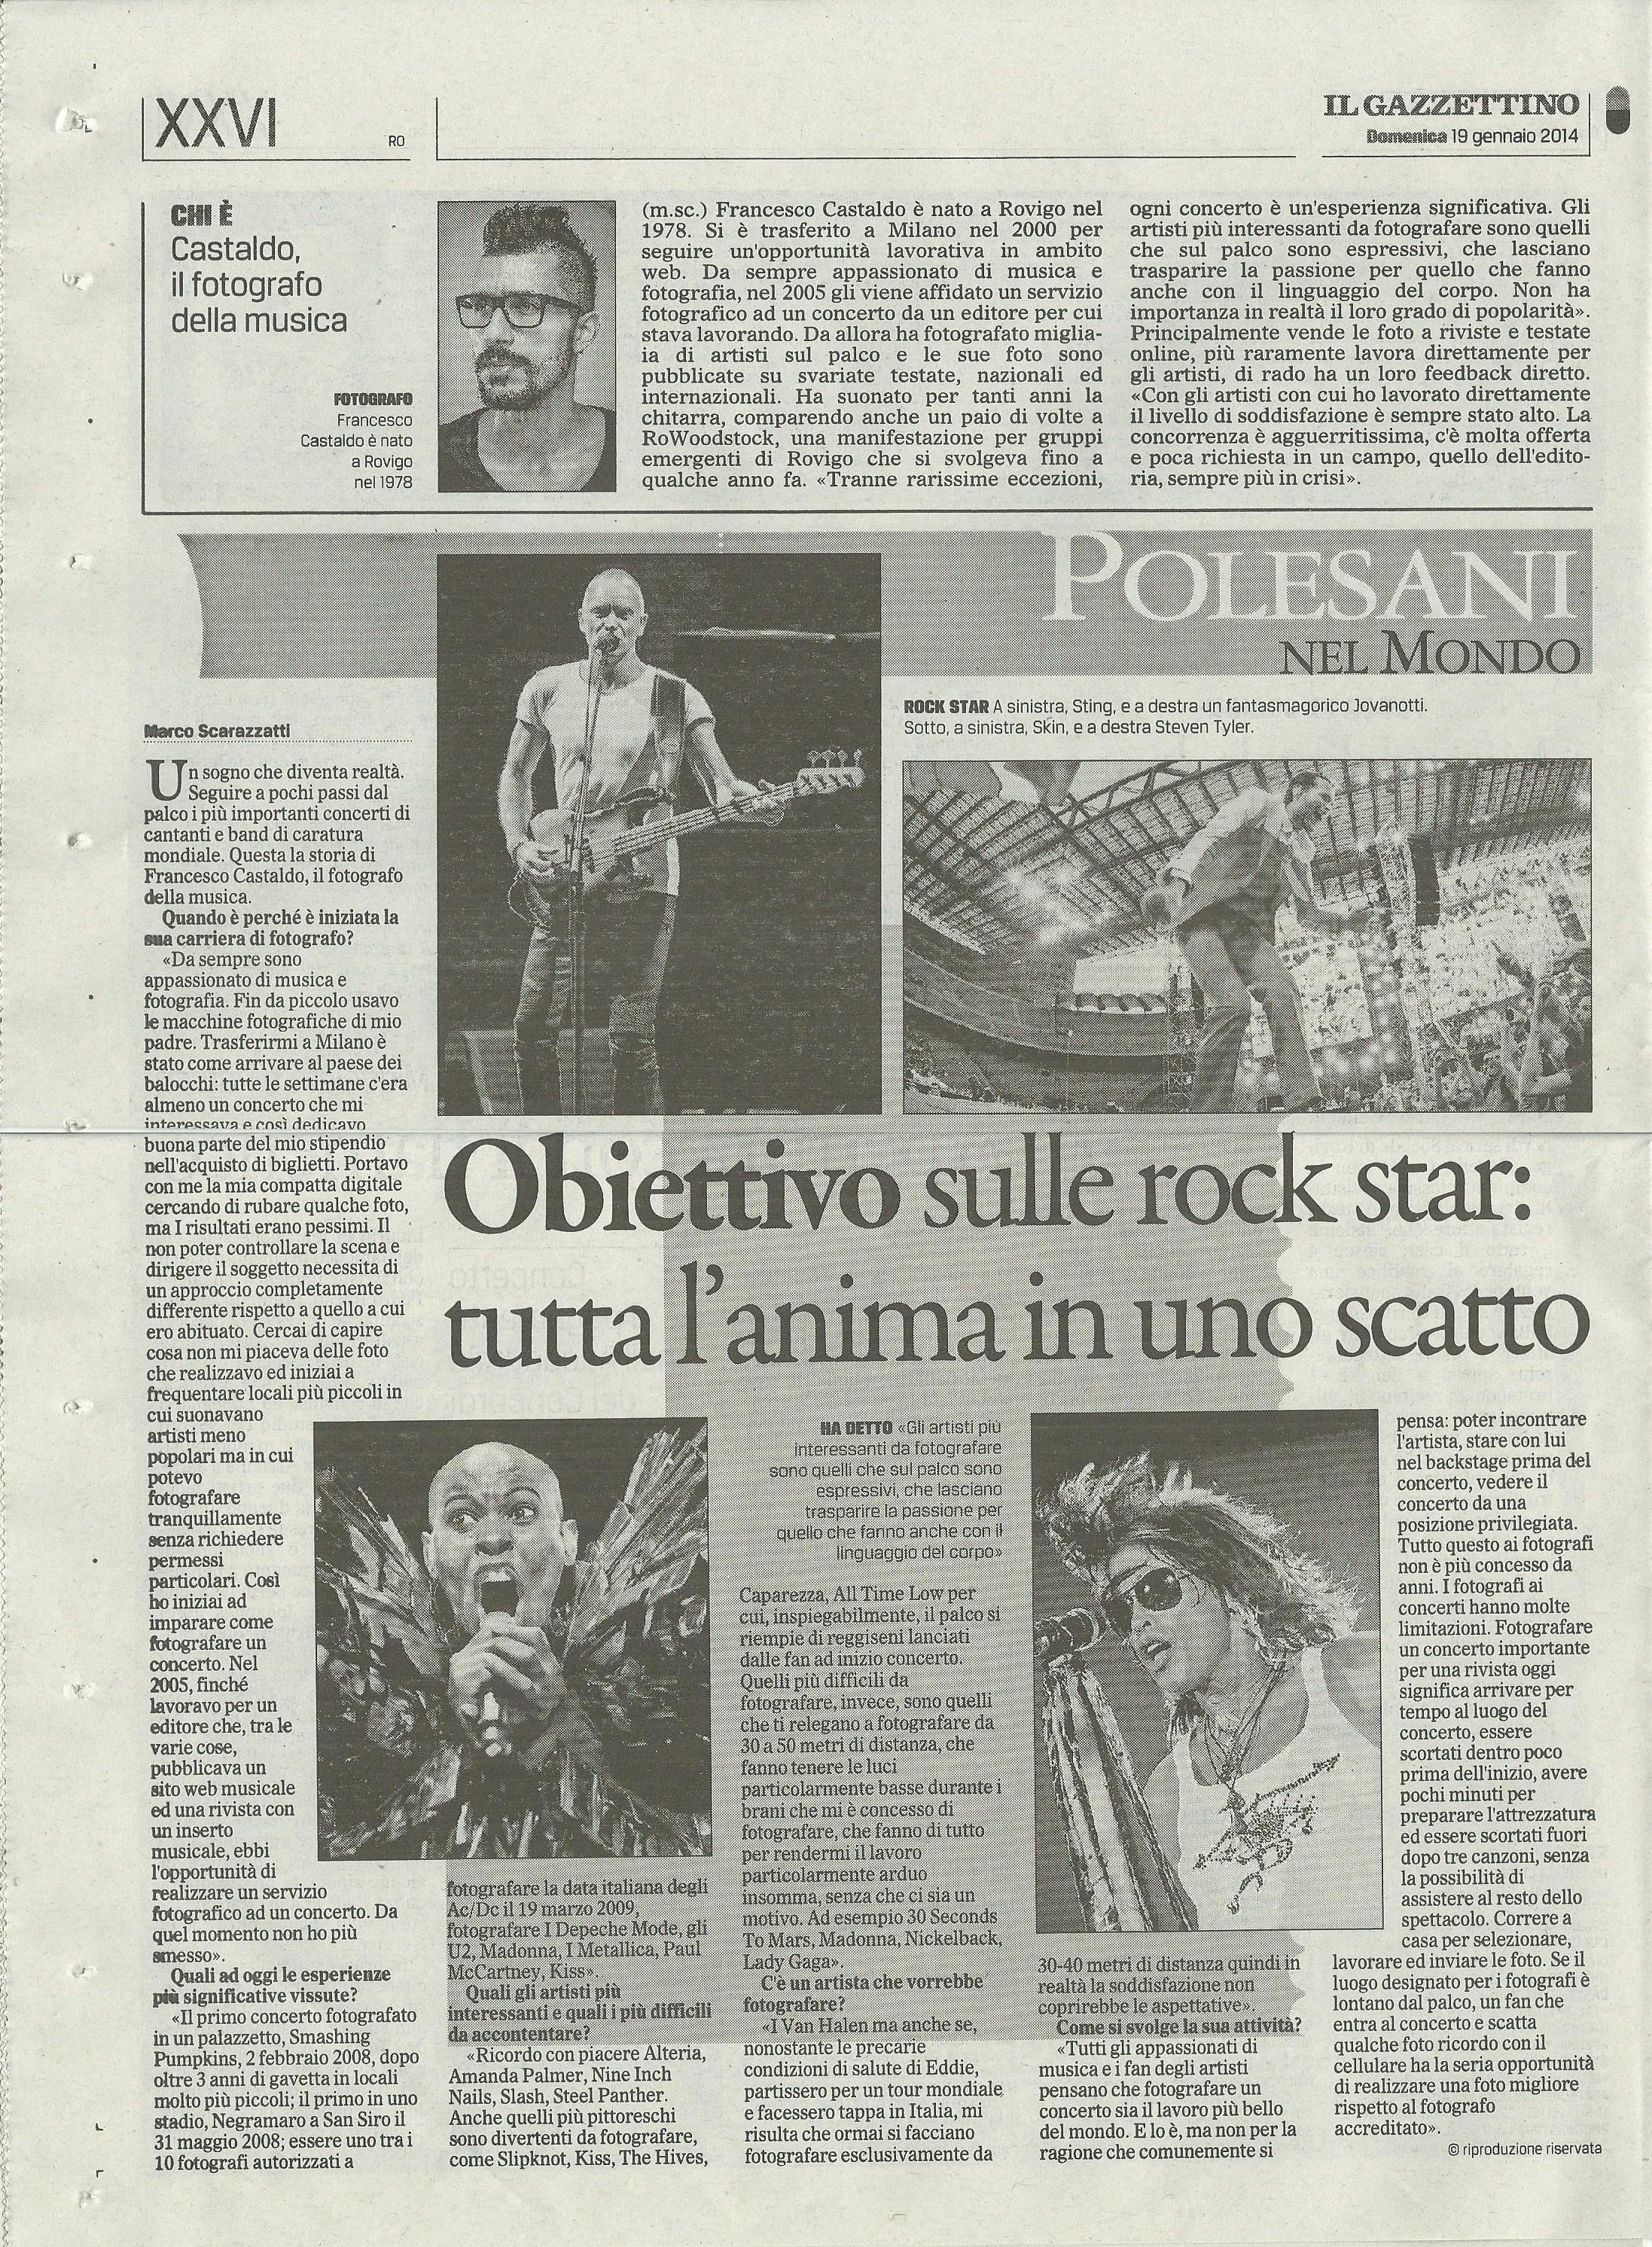 Intervista Gazzettino di Rovigo del 19 gennaio 2014